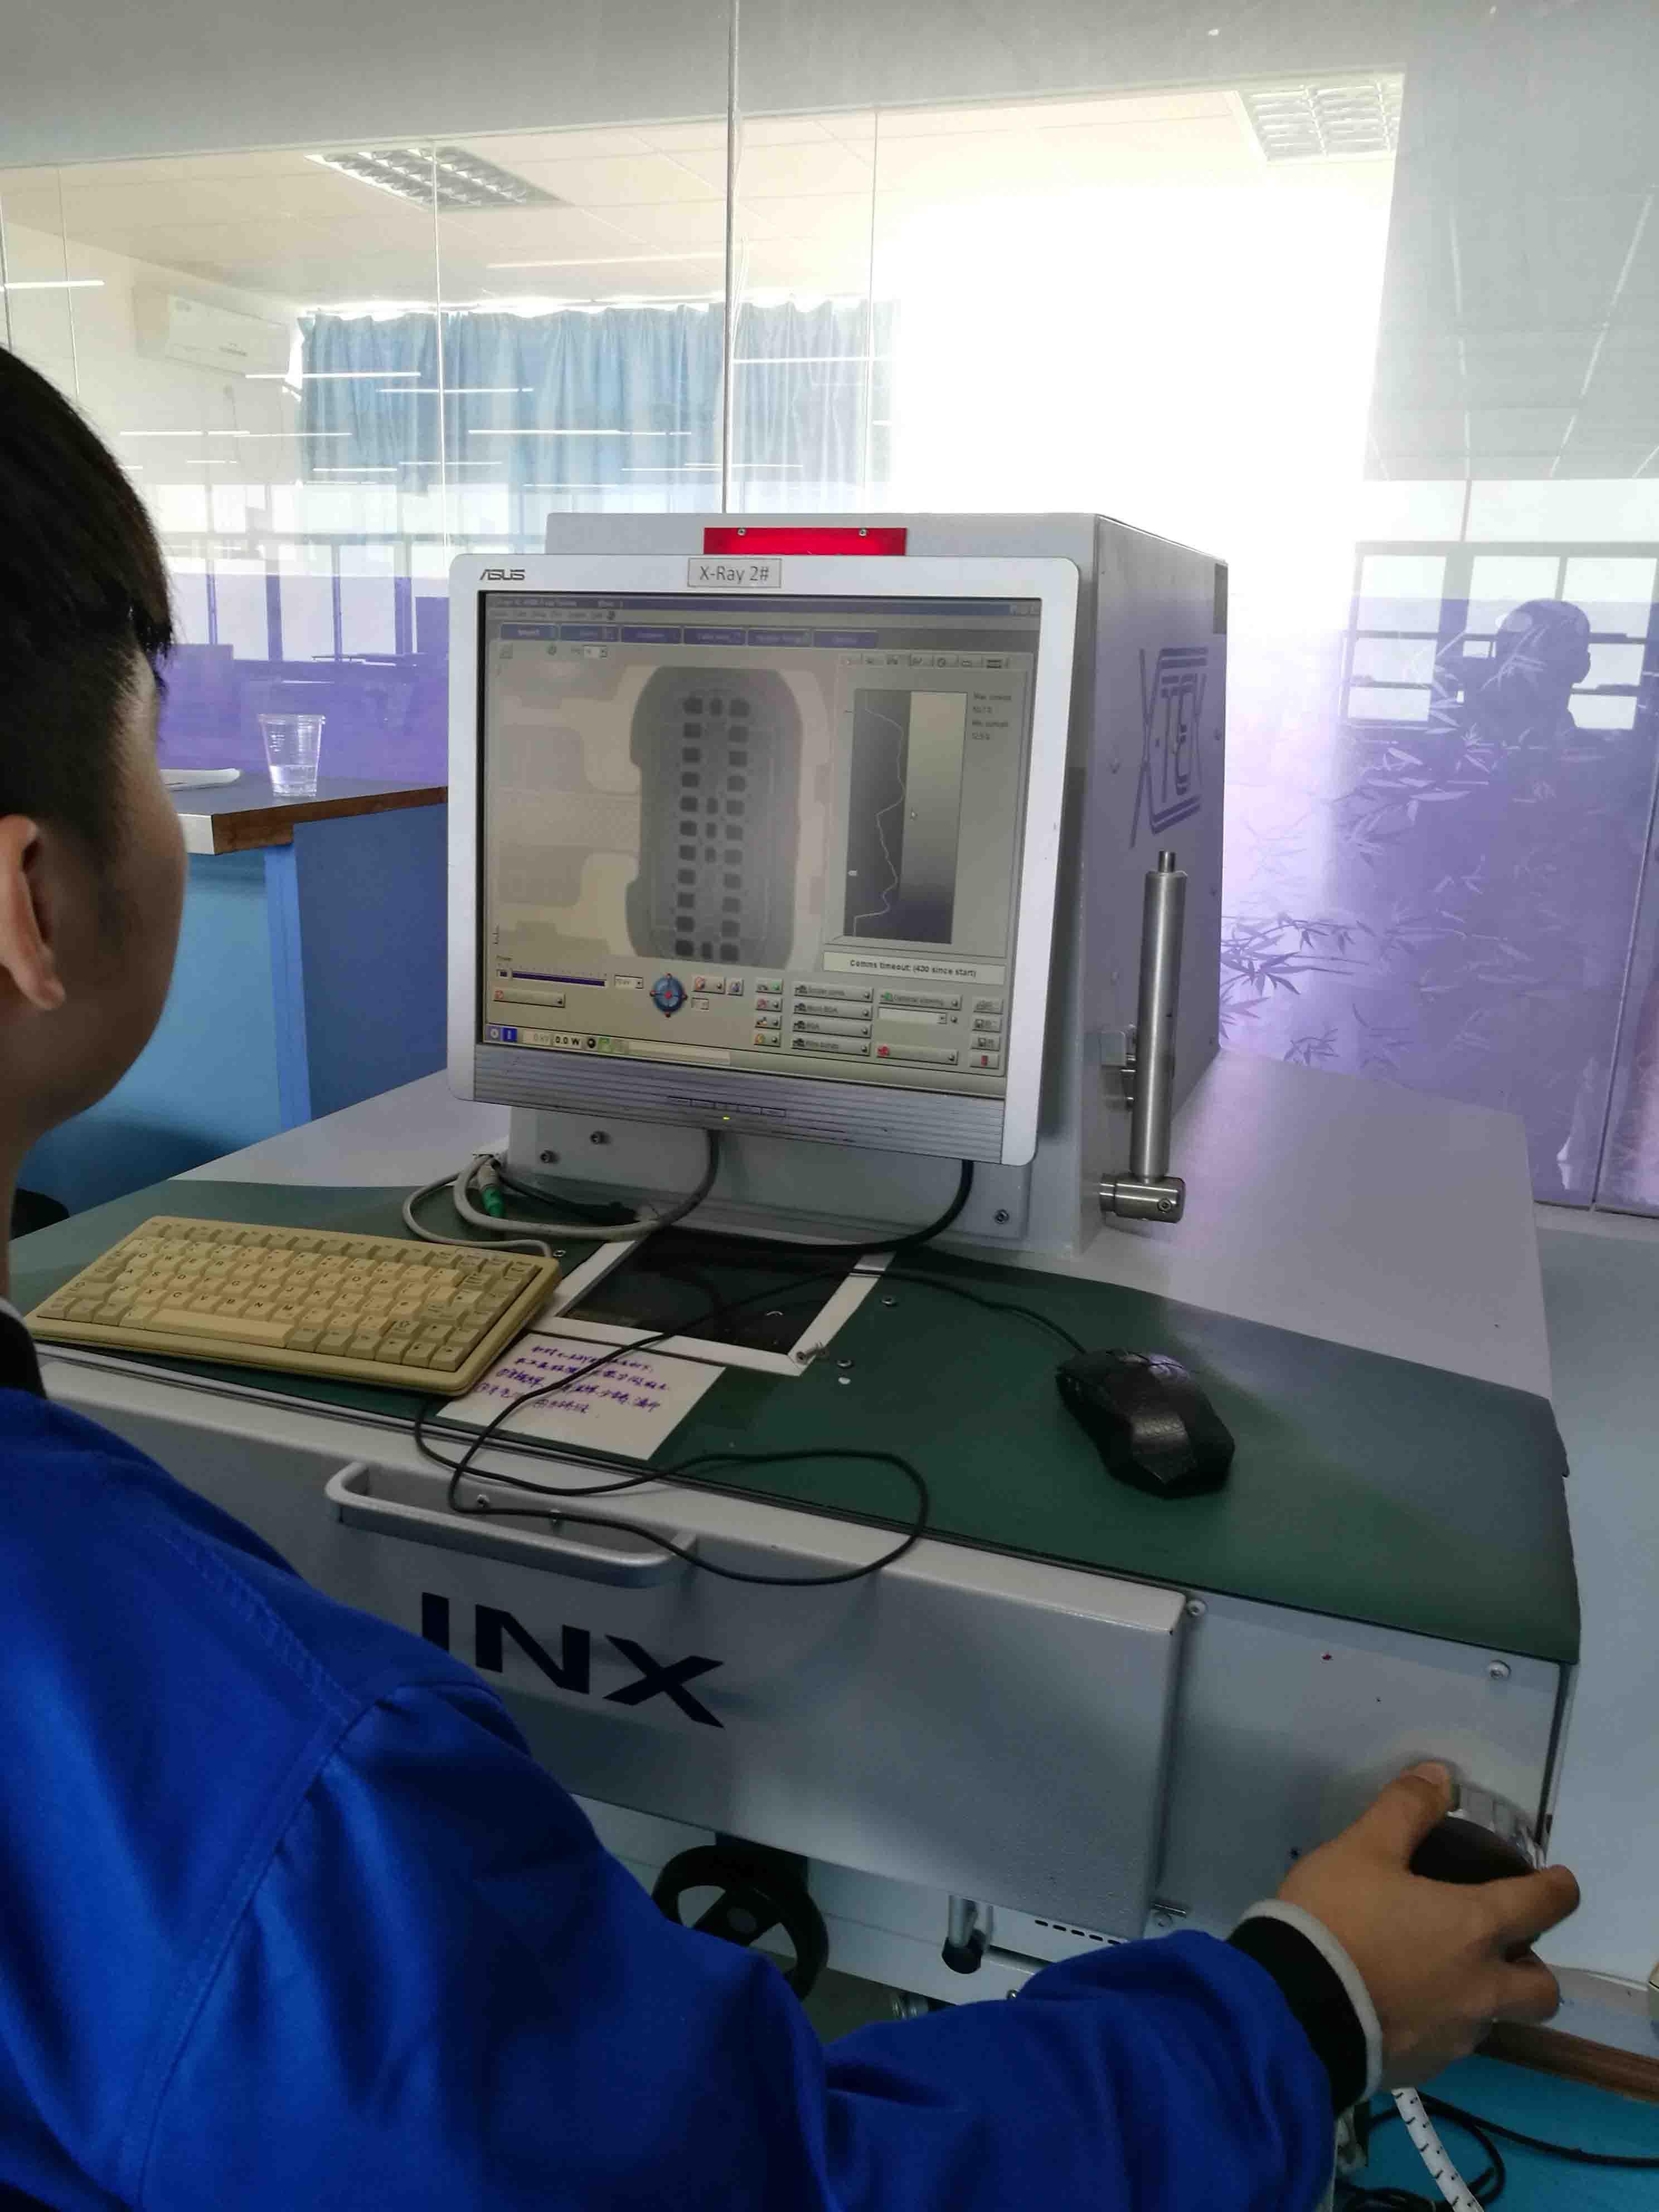 辽宁x-ray租赁-口碑好的x-ray设备租赁东莞哪里有